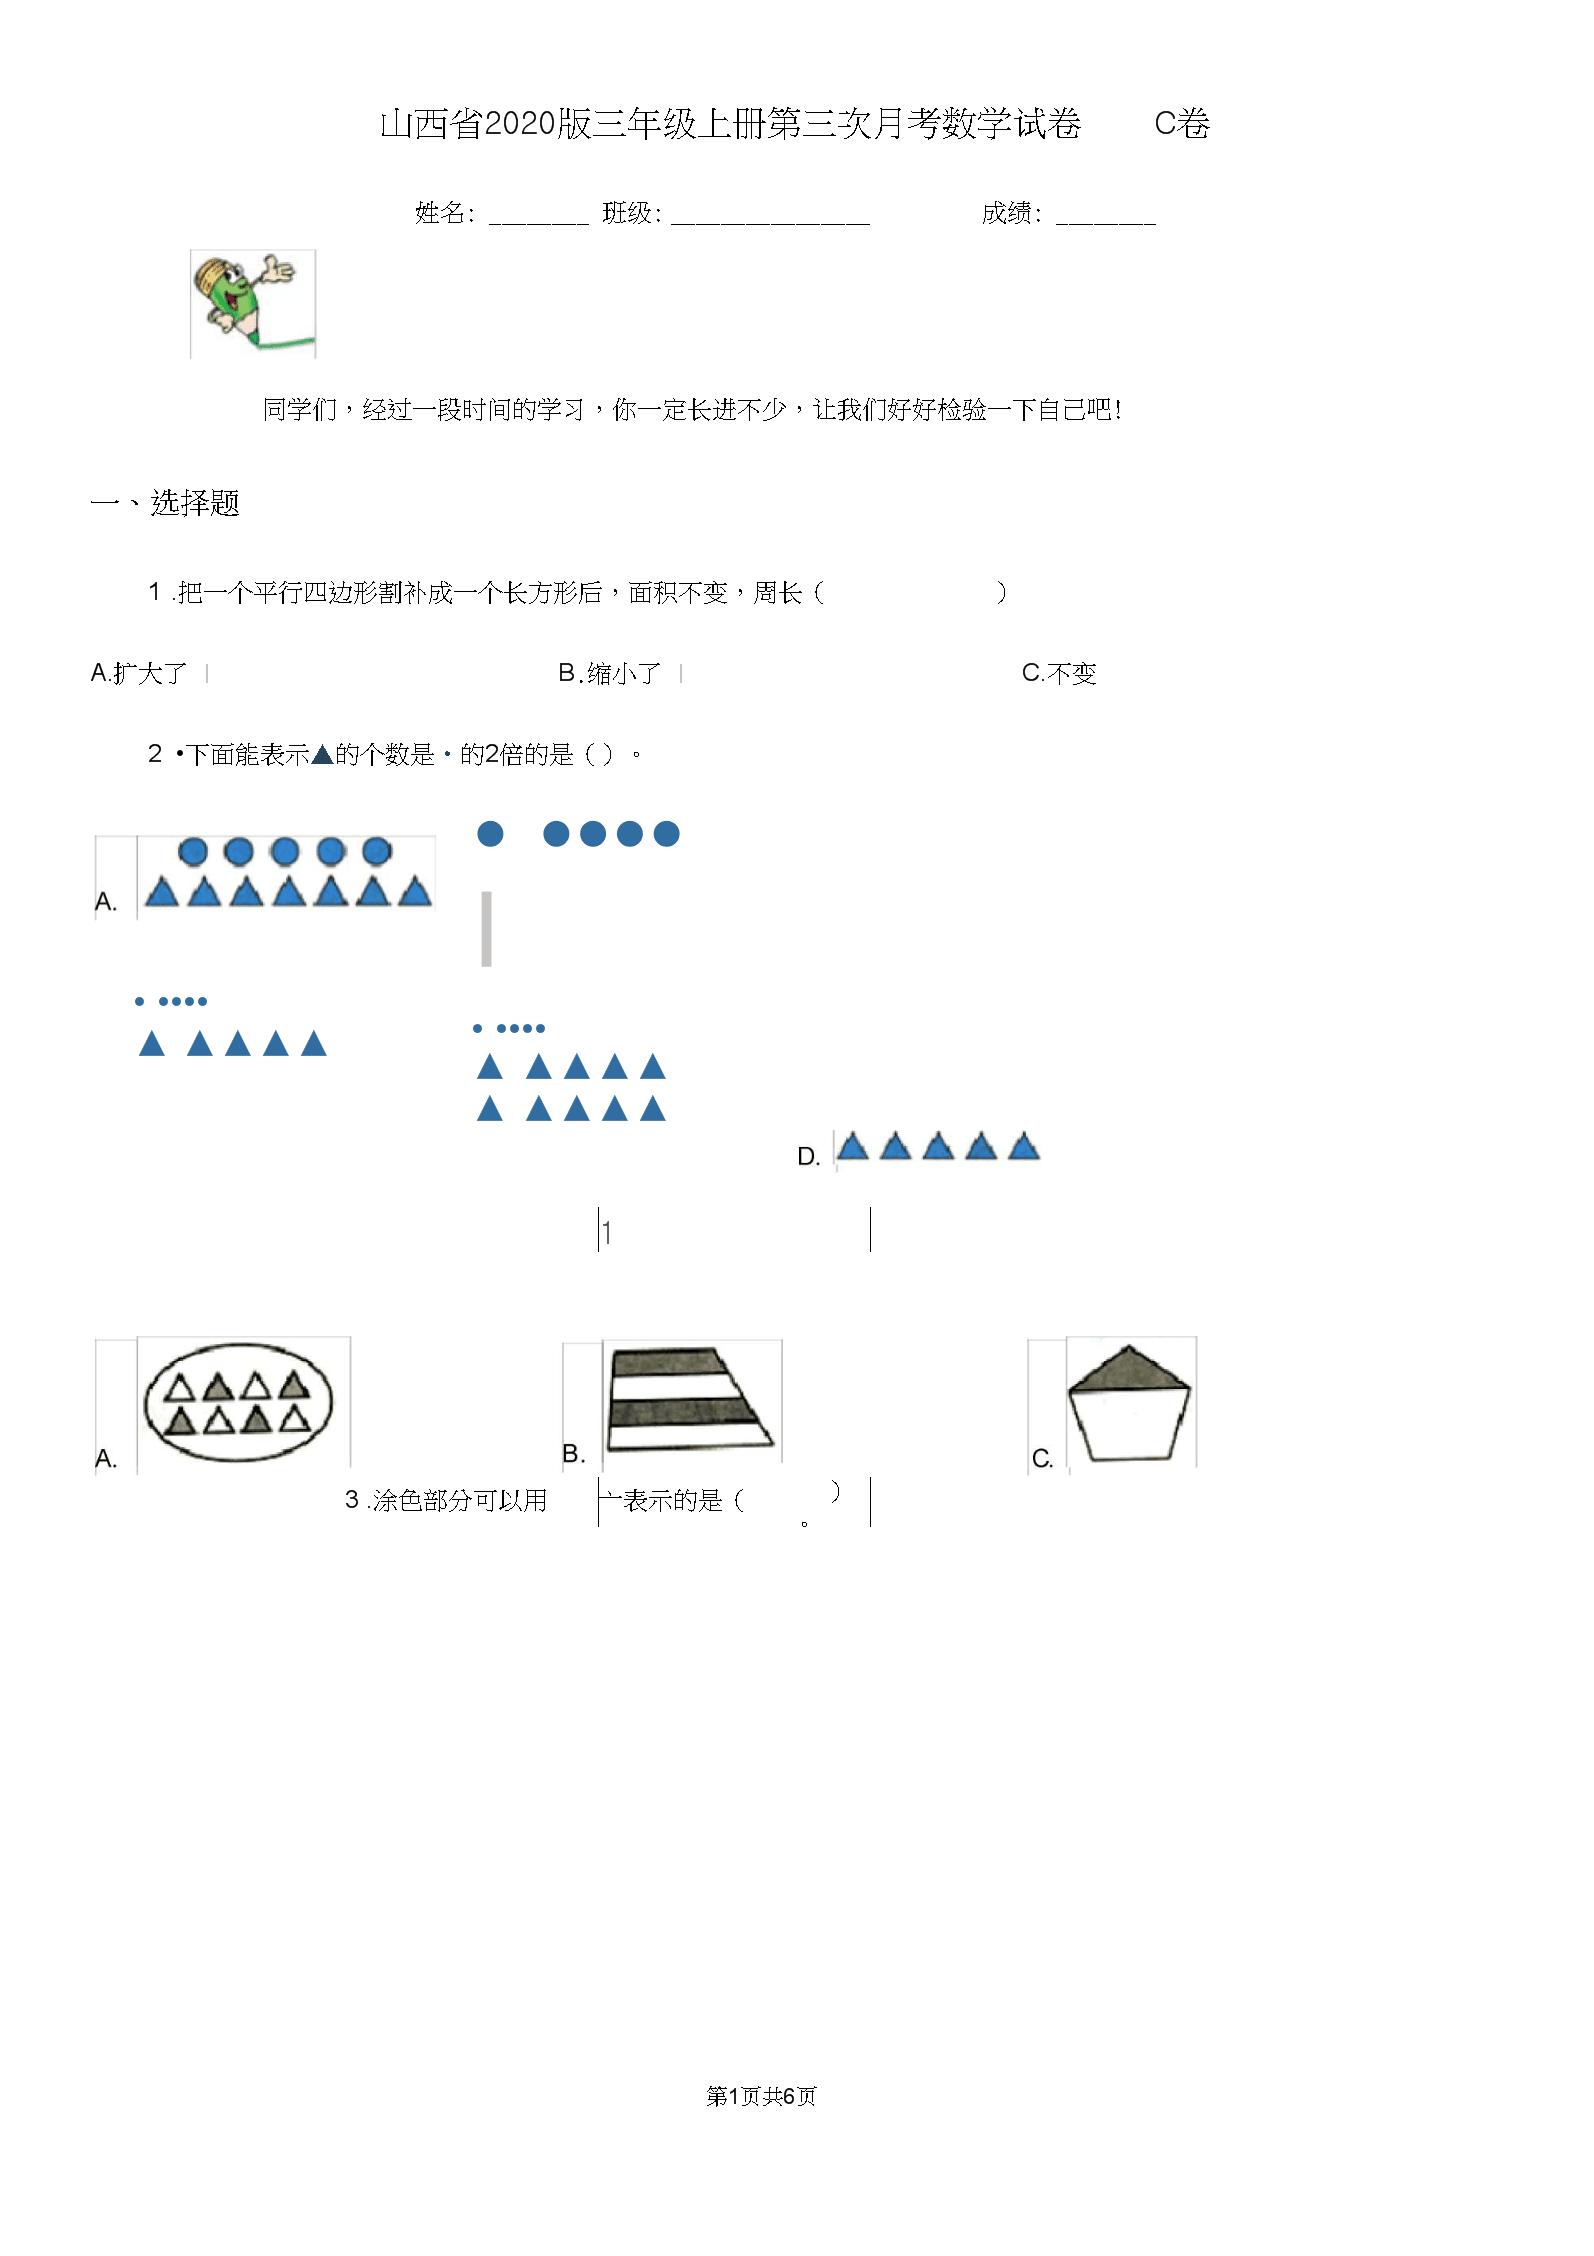 山西省2020版三年级上册第三次月考数学试卷C卷.docx